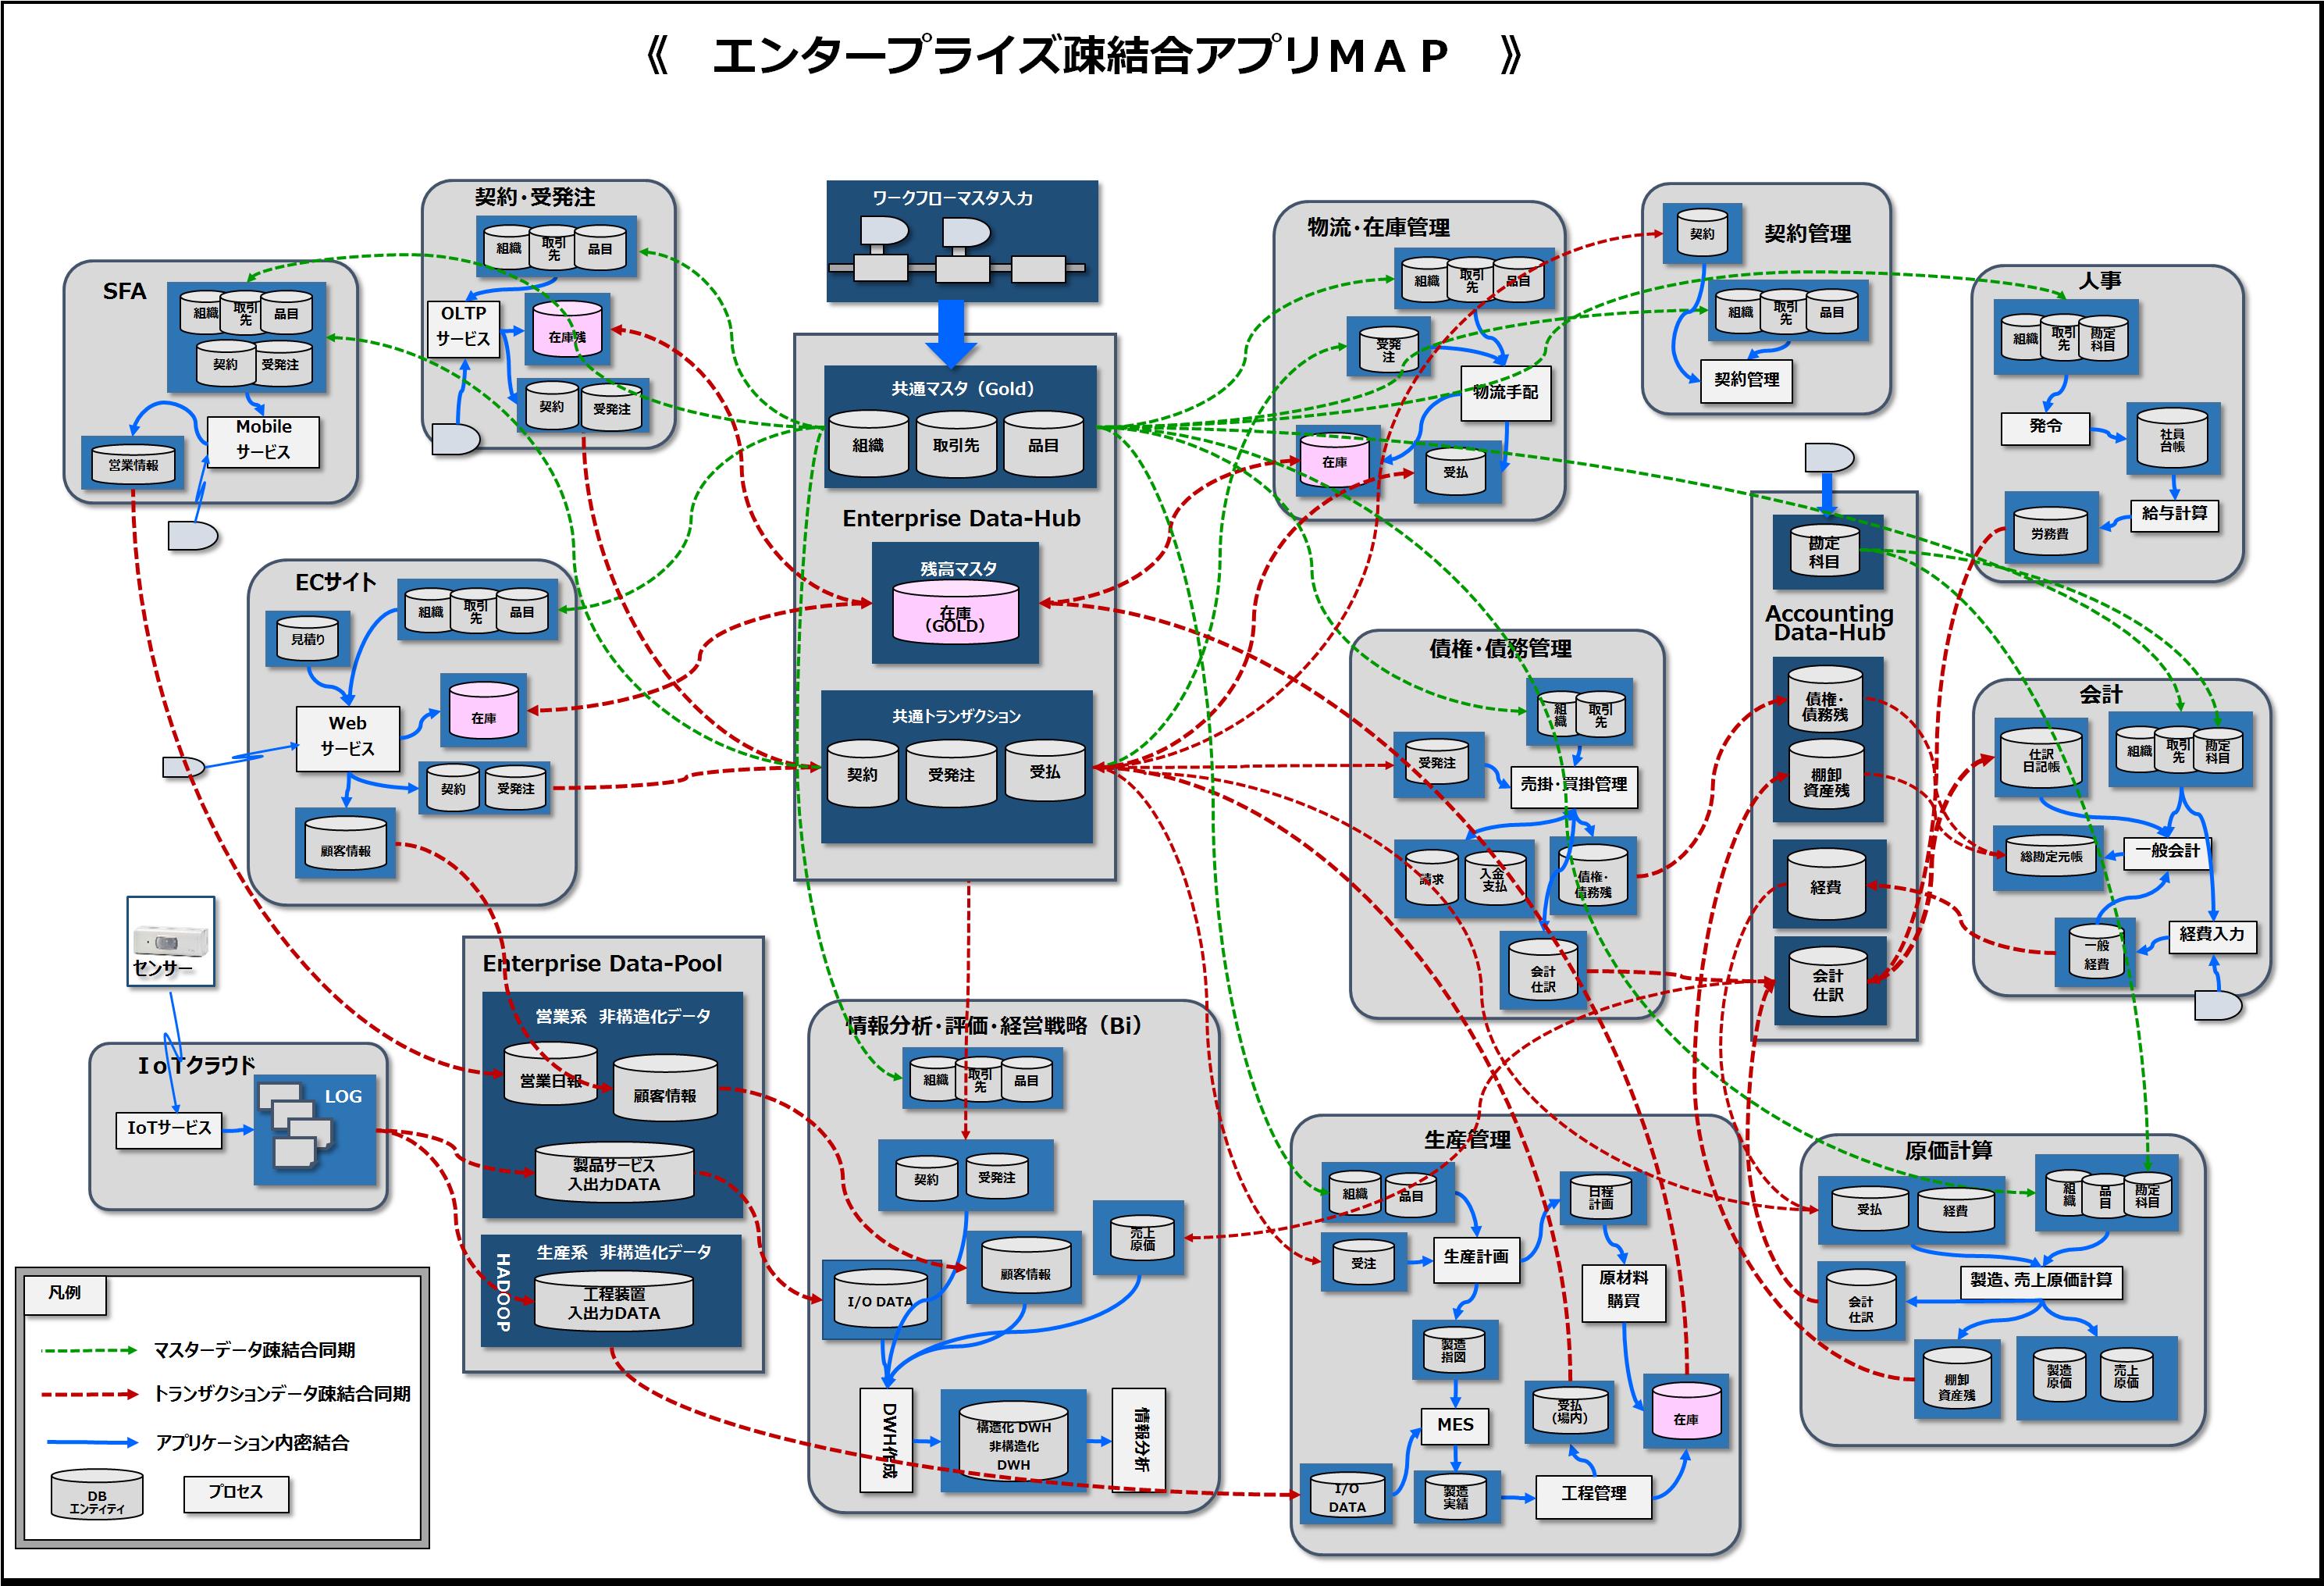 エンタープライズ疎結合アプリMAP